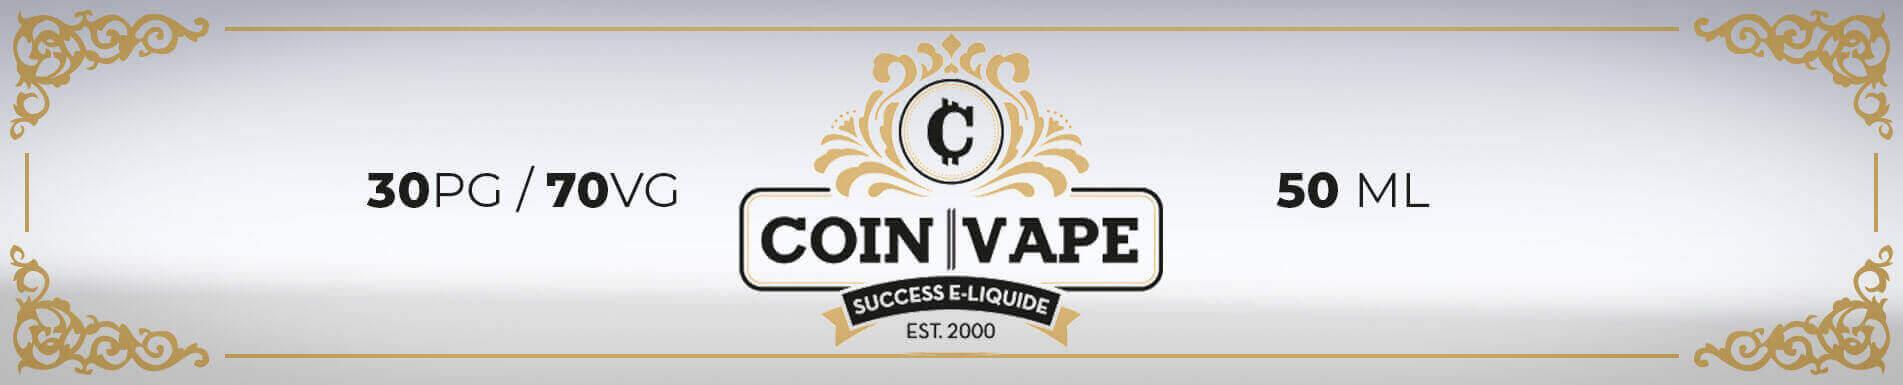 E-liquides Coin Vape par Savourea